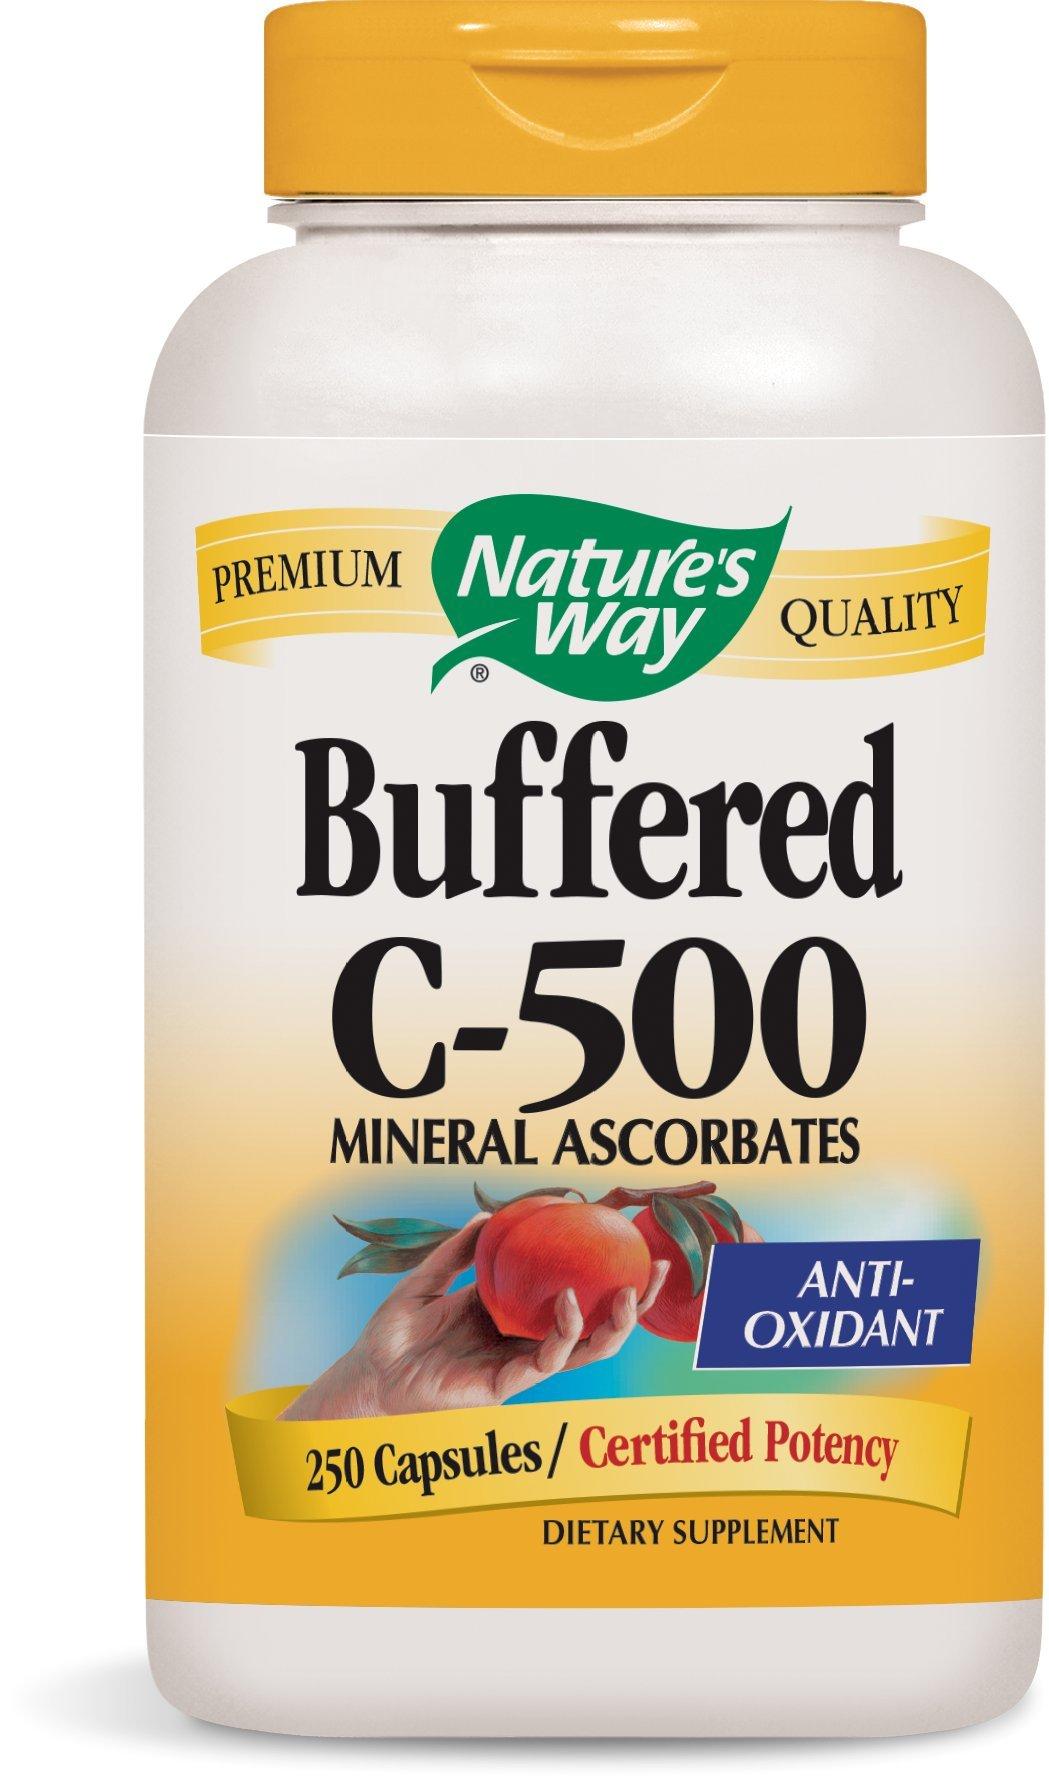 Nature's Way Buffered C 500 Ascorbate, 250 Capsules